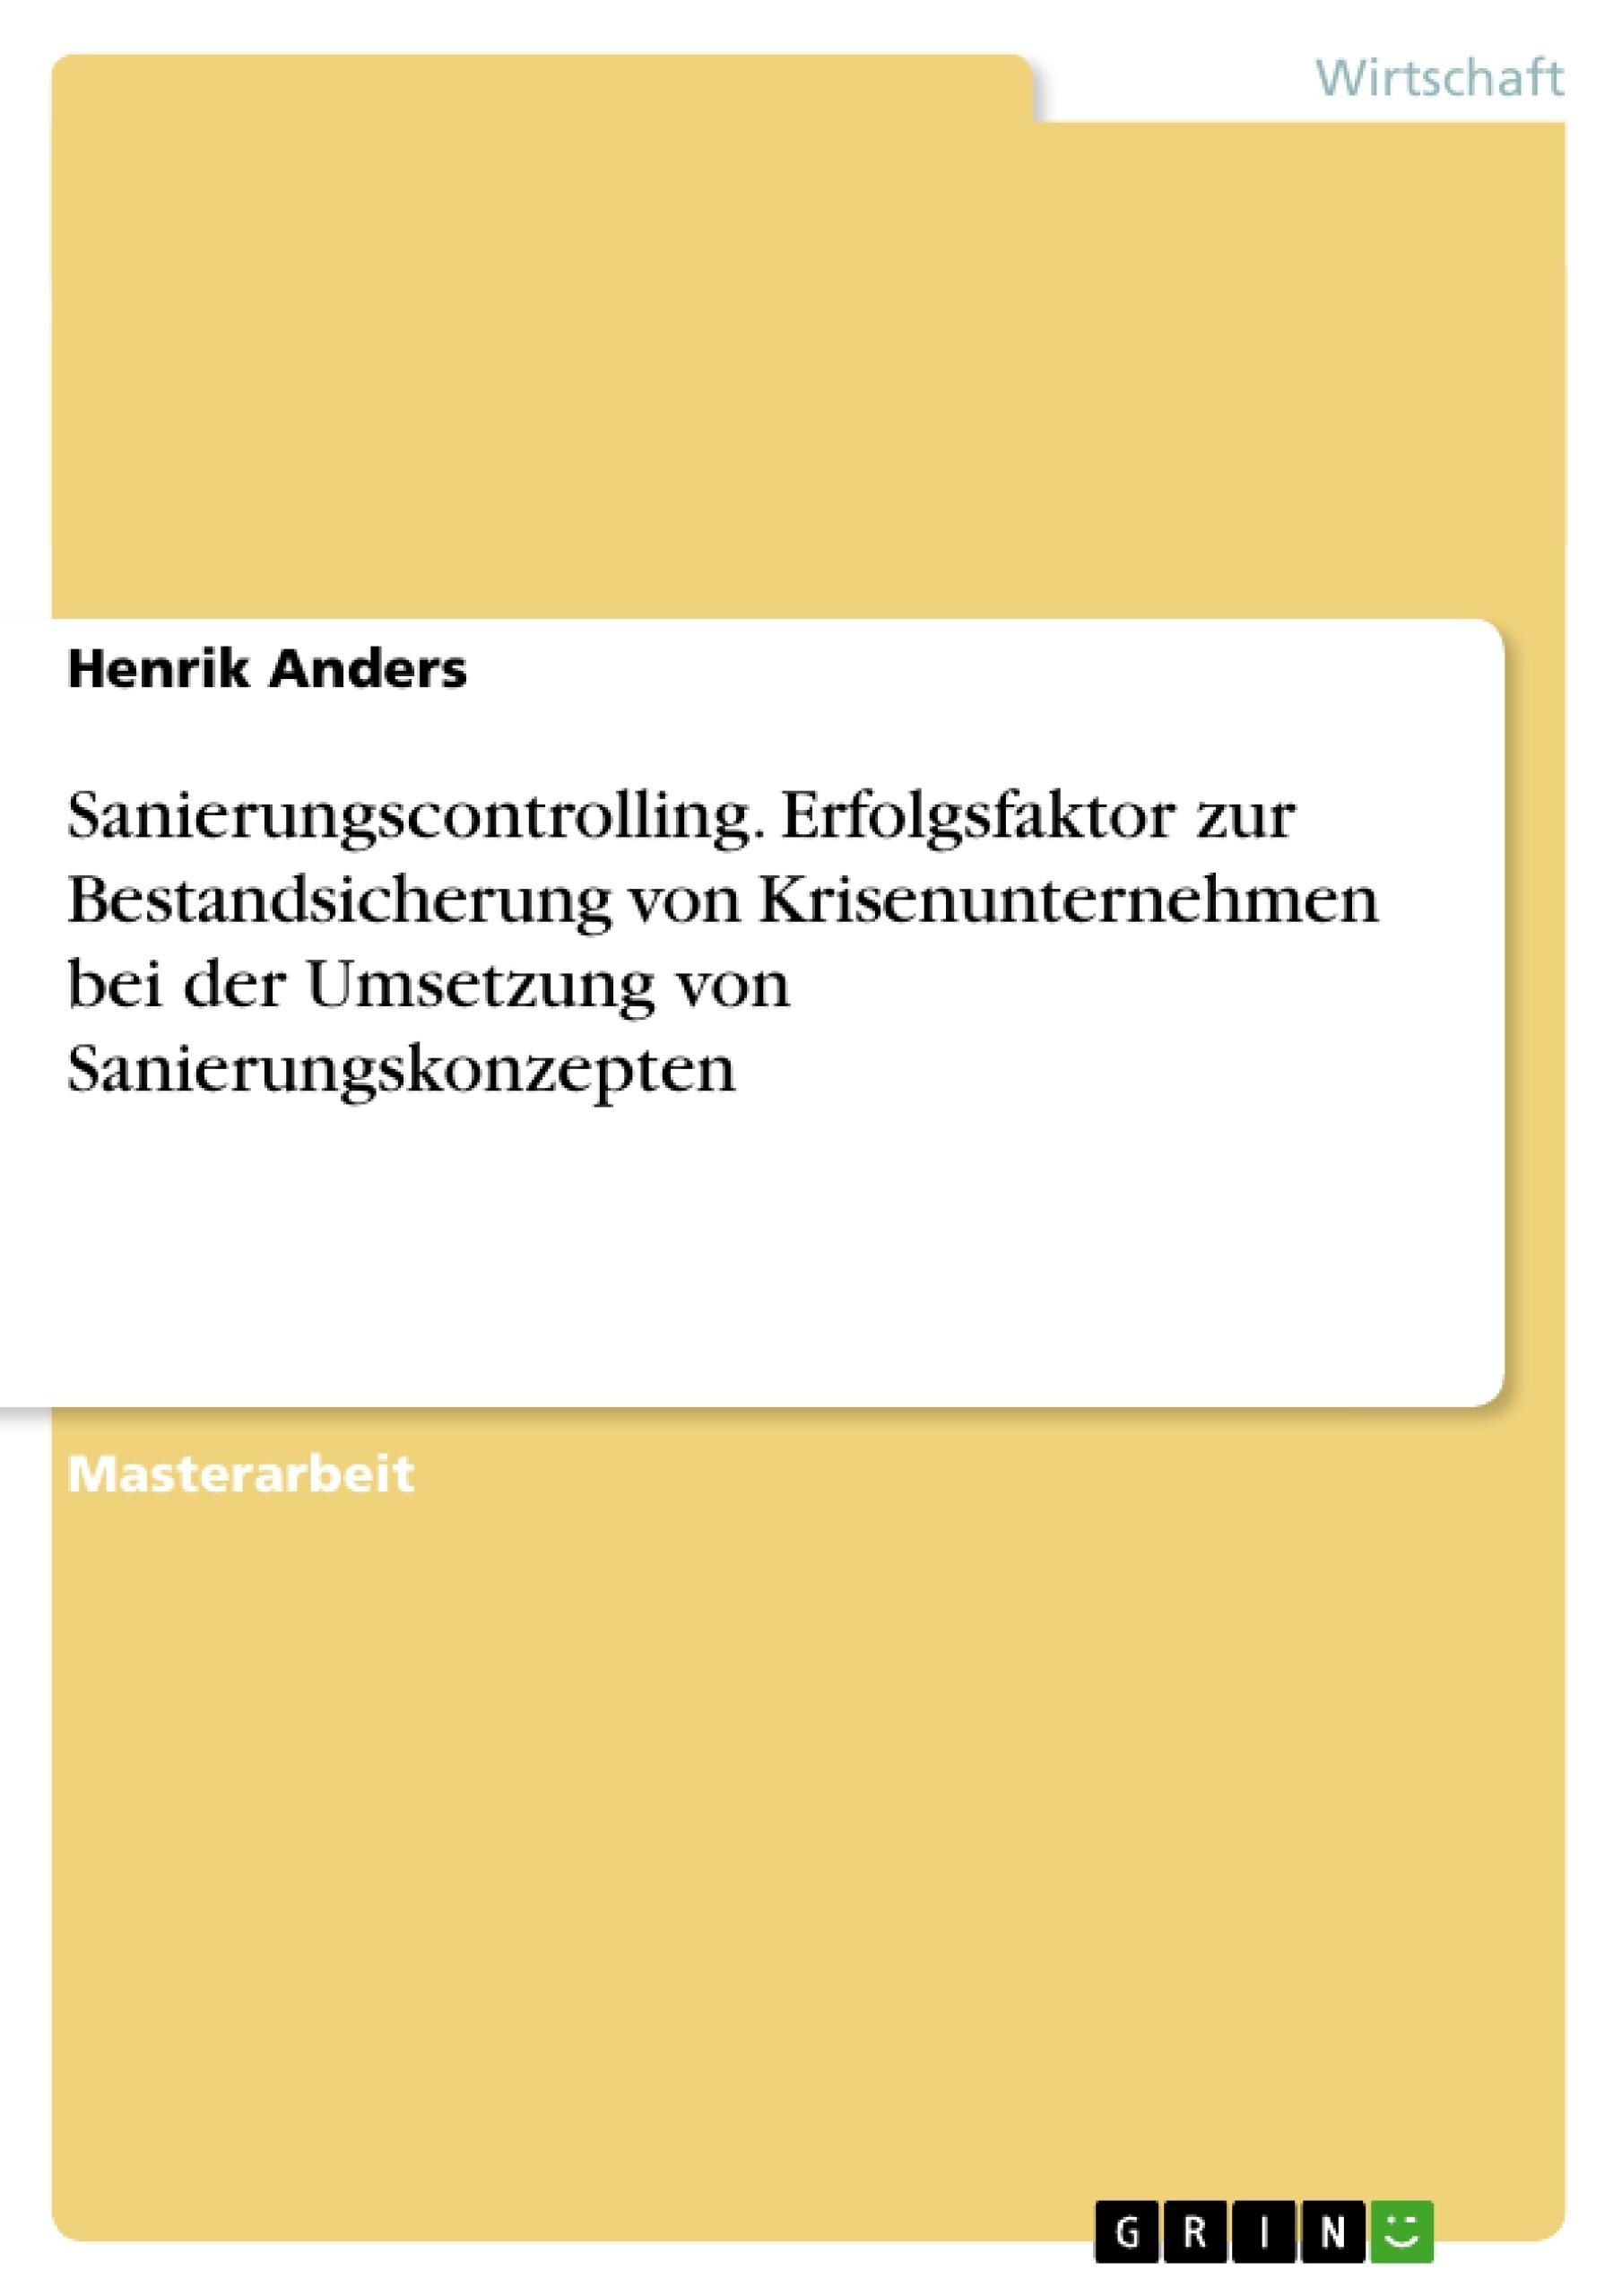 Titel: Sanierungscontrolling. Erfolgsfaktor zur Bestandsicherung von Krisenunternehmen bei der Umsetzung von Sanierungskonzepten